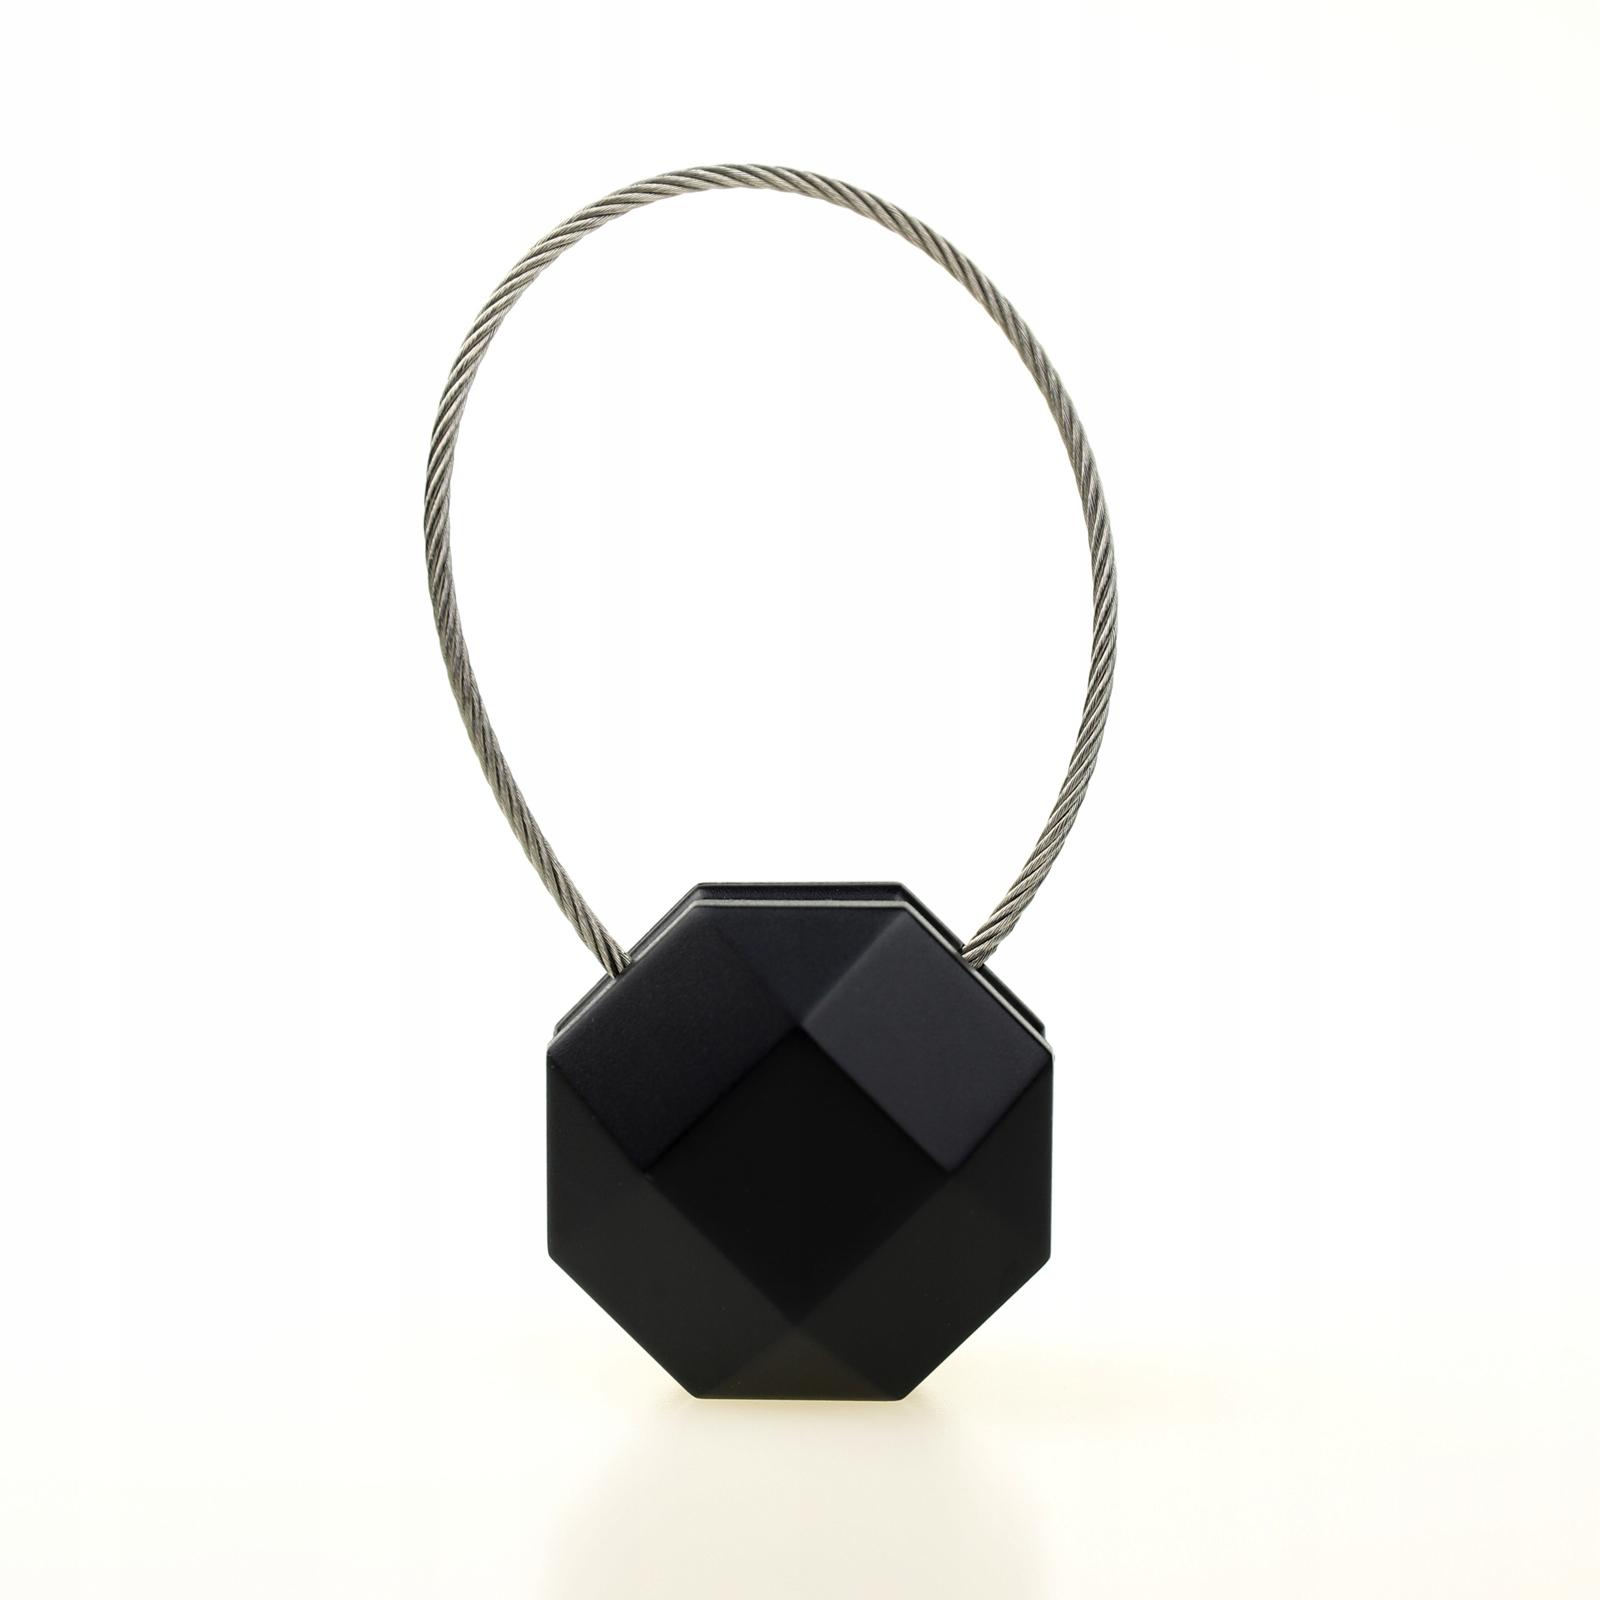 Magnes do upinania firan zasłon - oktagon czarny